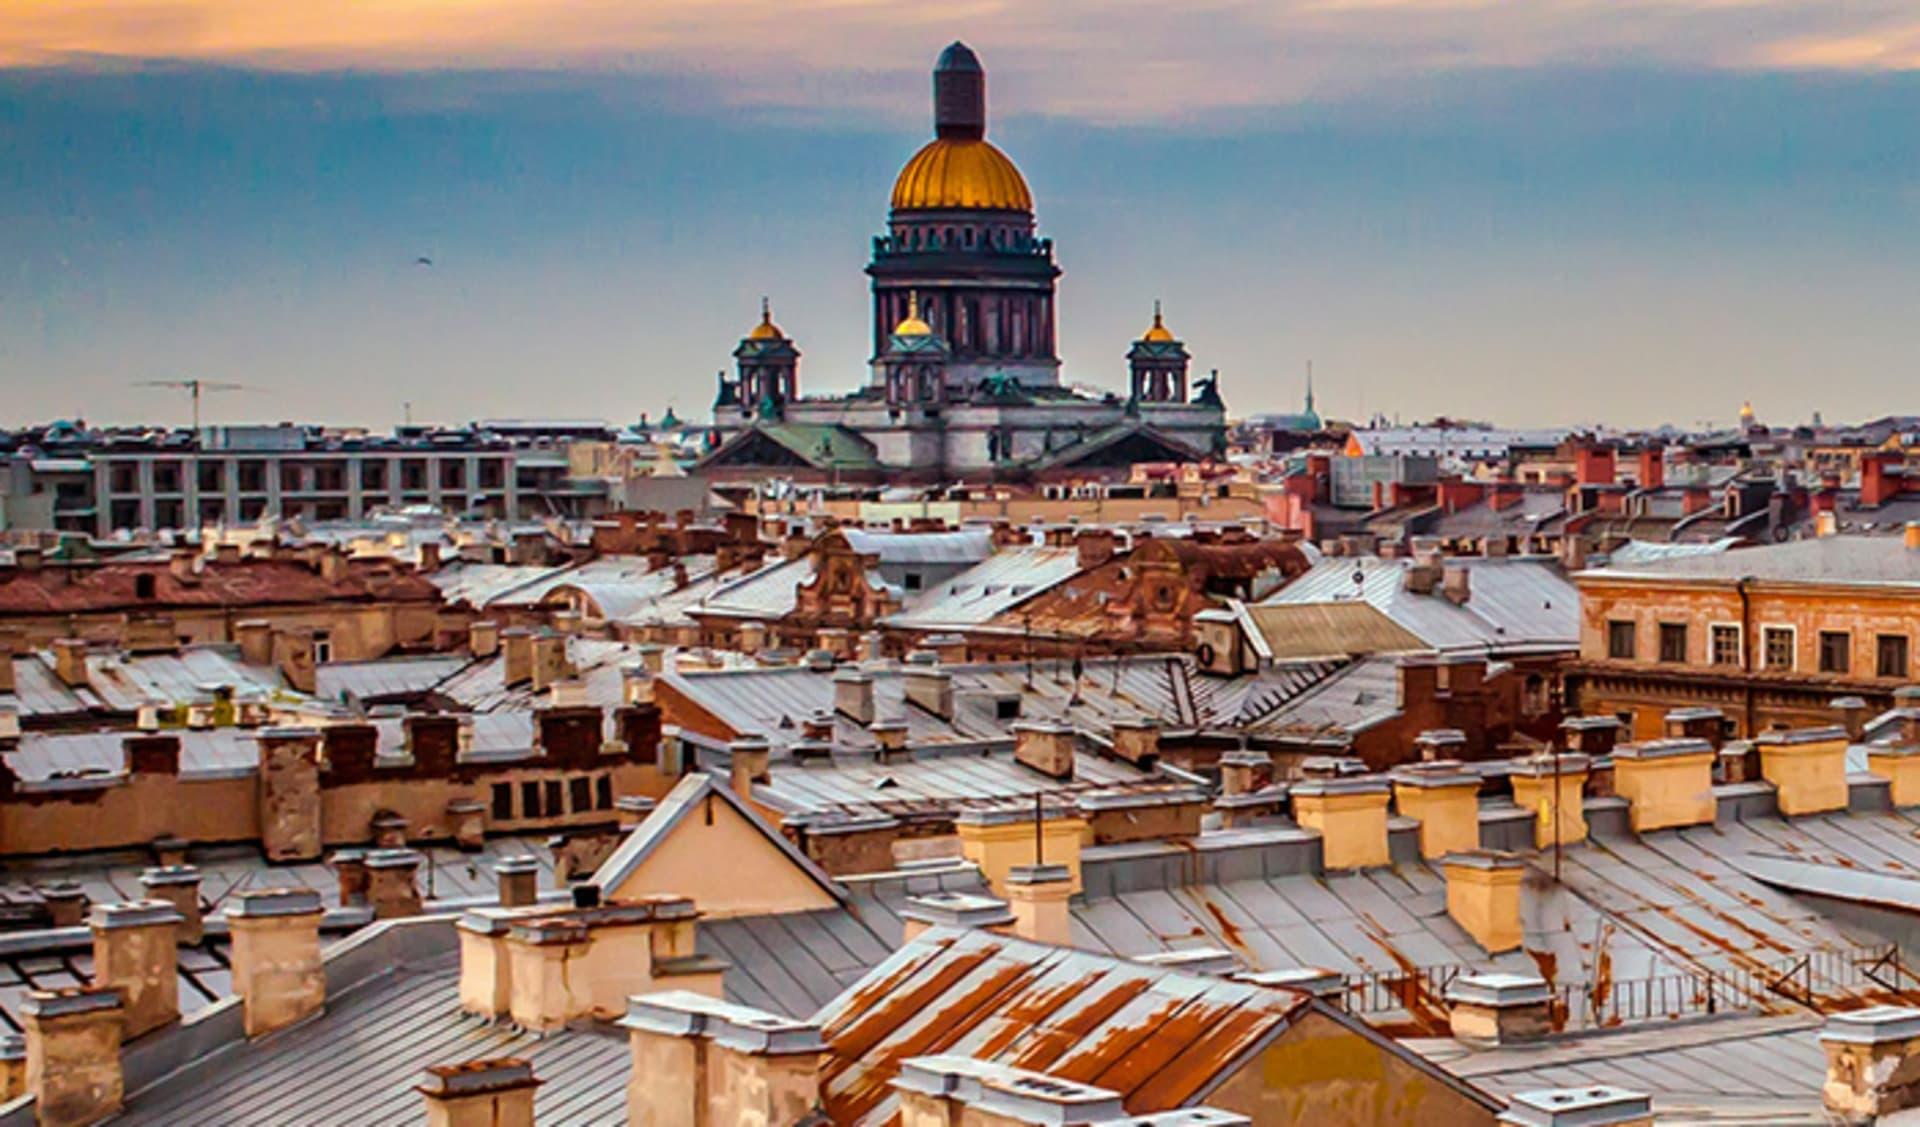 Die Kathedrale von Saint Isaac, St. Petersburg, Russland